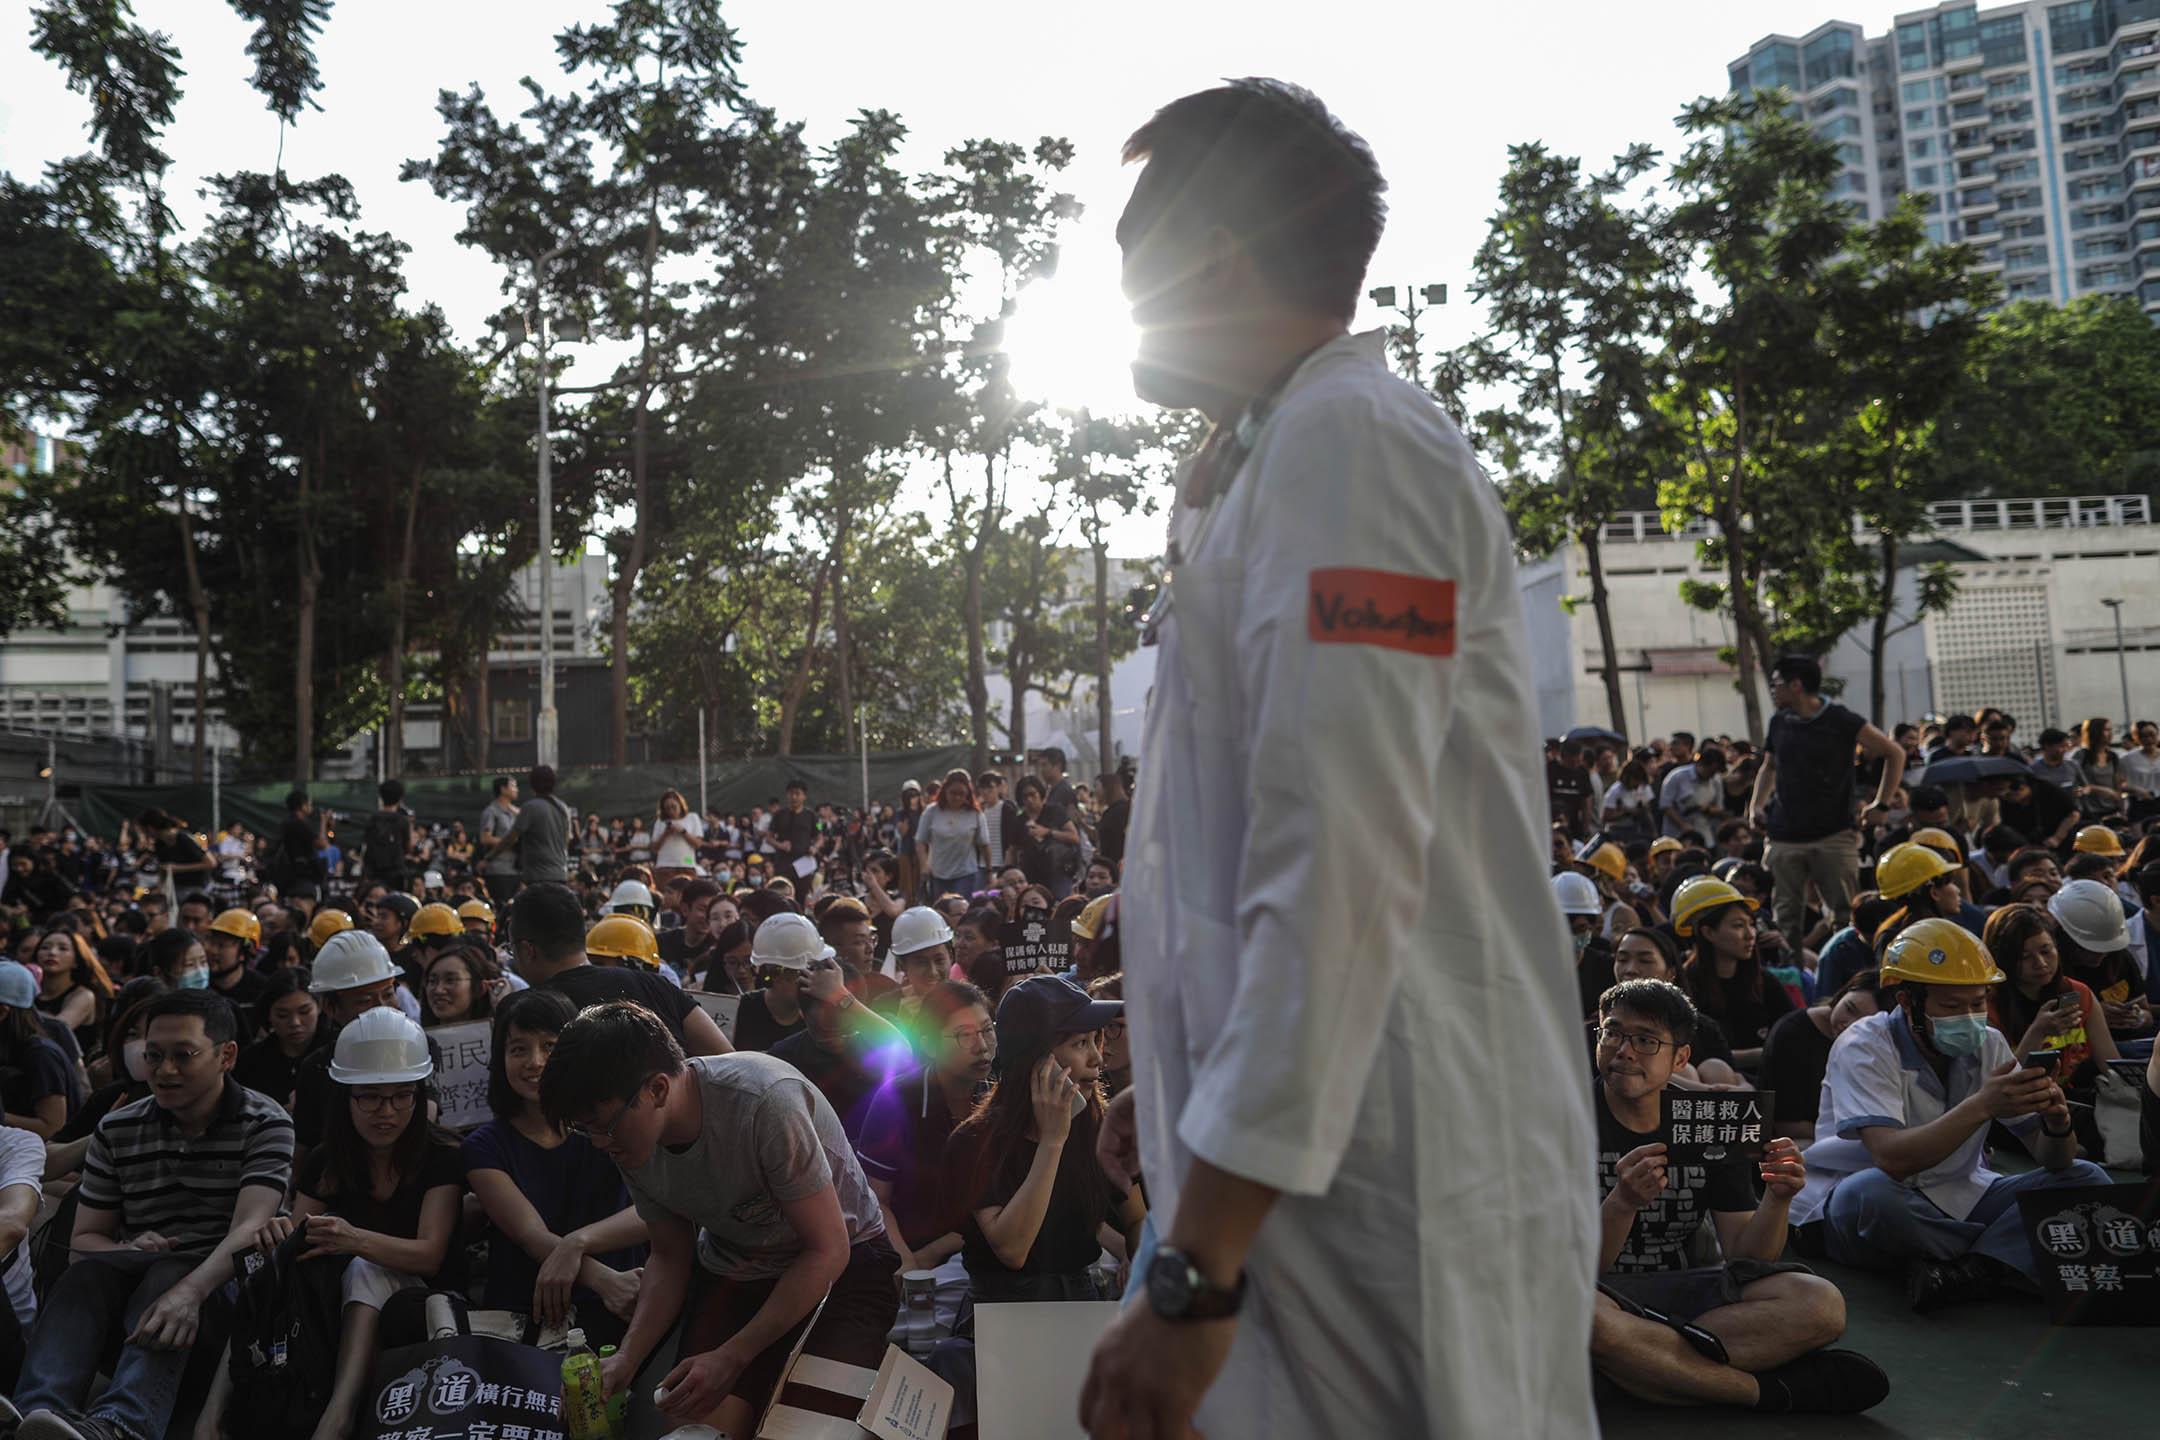 2019年7月26日,公立醫院前線在伊利沙伯醫院發起「醫護市民,一起同行」的集會,並以白袍、頭盔為記。 攝:Stanley Leung/端傳媒